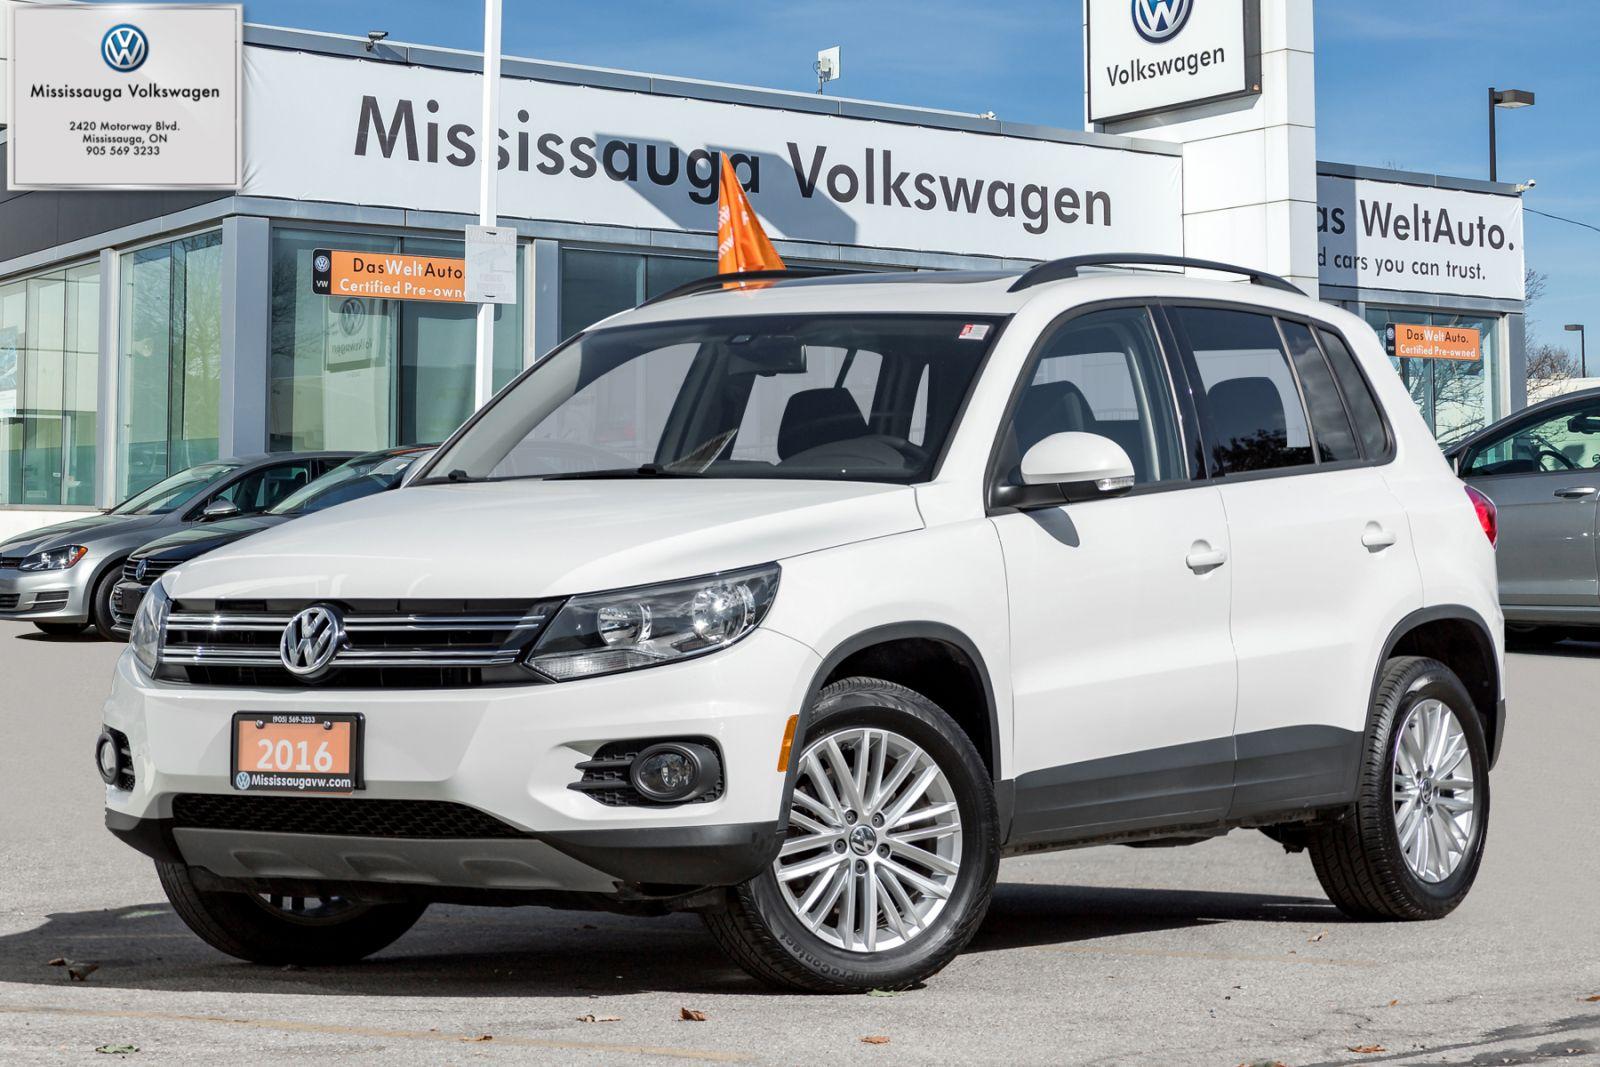 2016 Volkswagen Tiguan Image